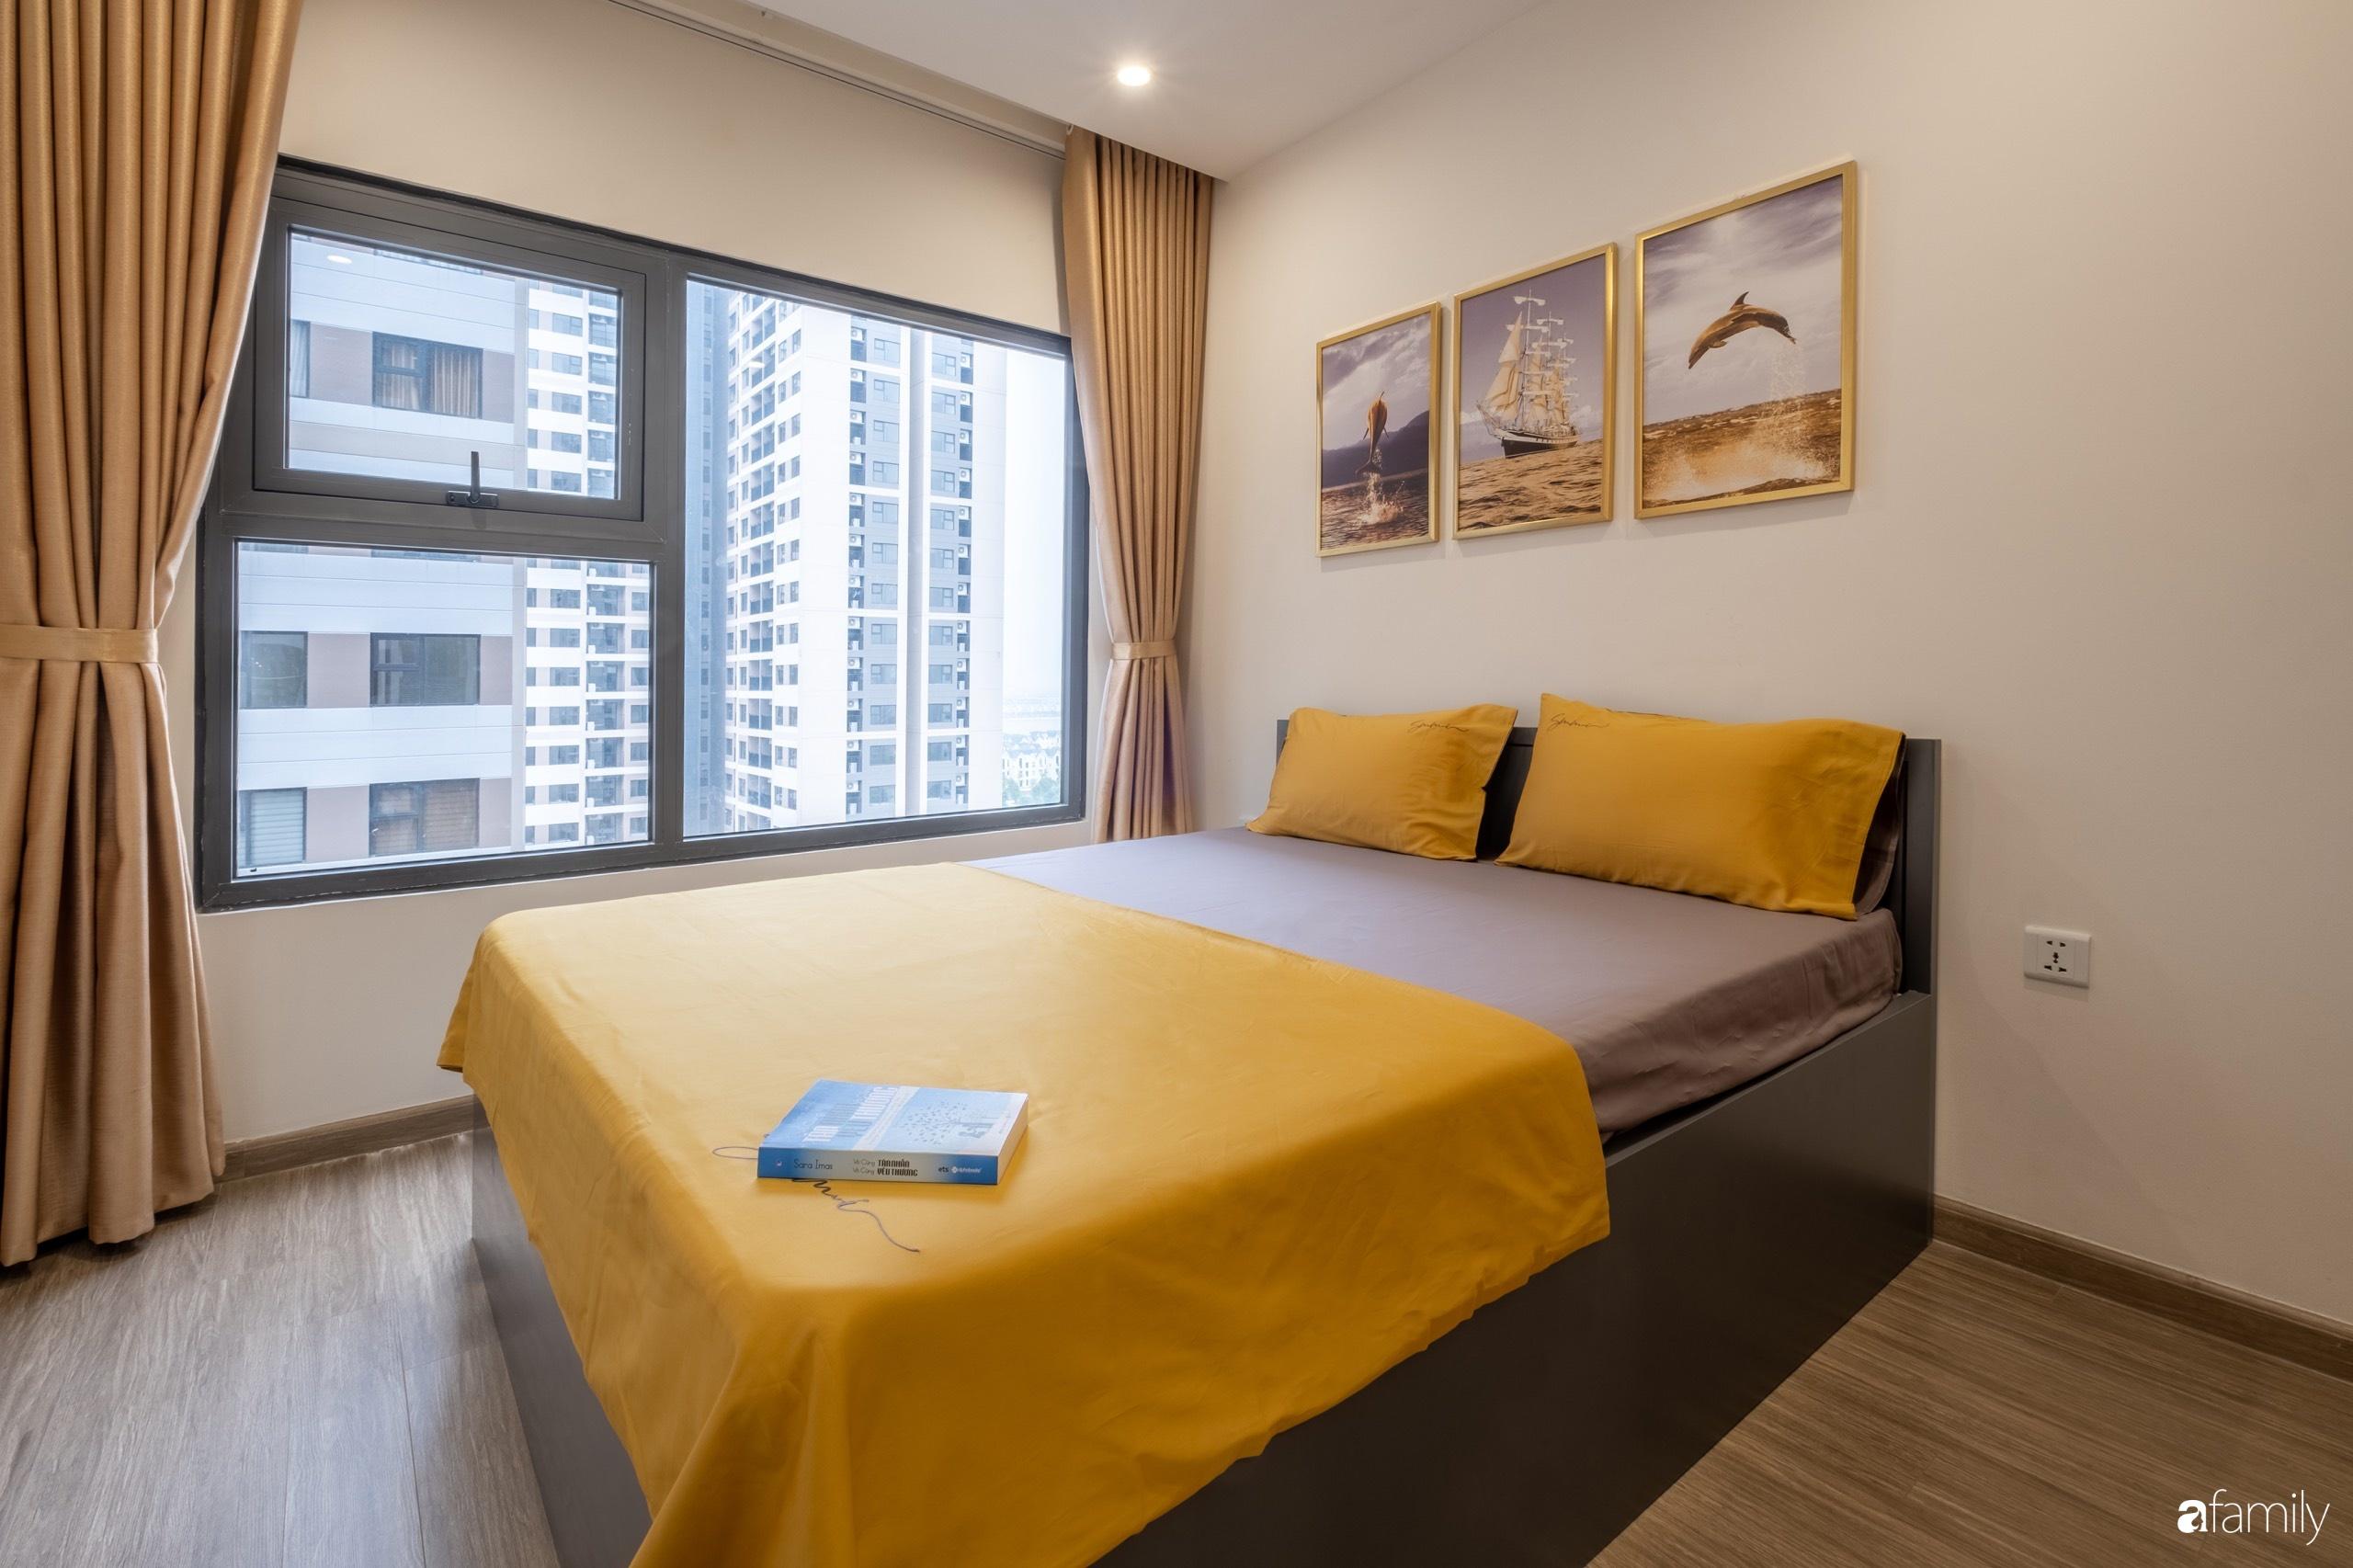 Căn hộ 54m² đẹp cuốn hút với tông màu xanh gần gũi với thiên nhiên có chi phí hoàn thiện nội thất 150 triệu đồng ở Hà Nội - Ảnh 13.